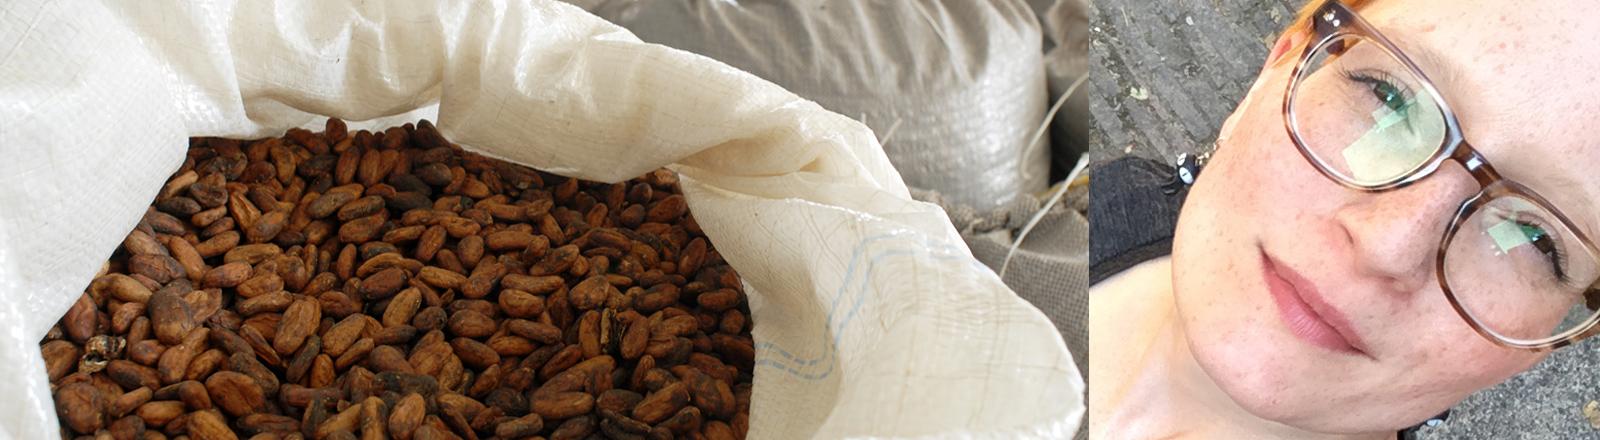 Säcke mit Kakaobohnen in Ilheus in der Provinz Bahia in Brasilien und Lydia Herms